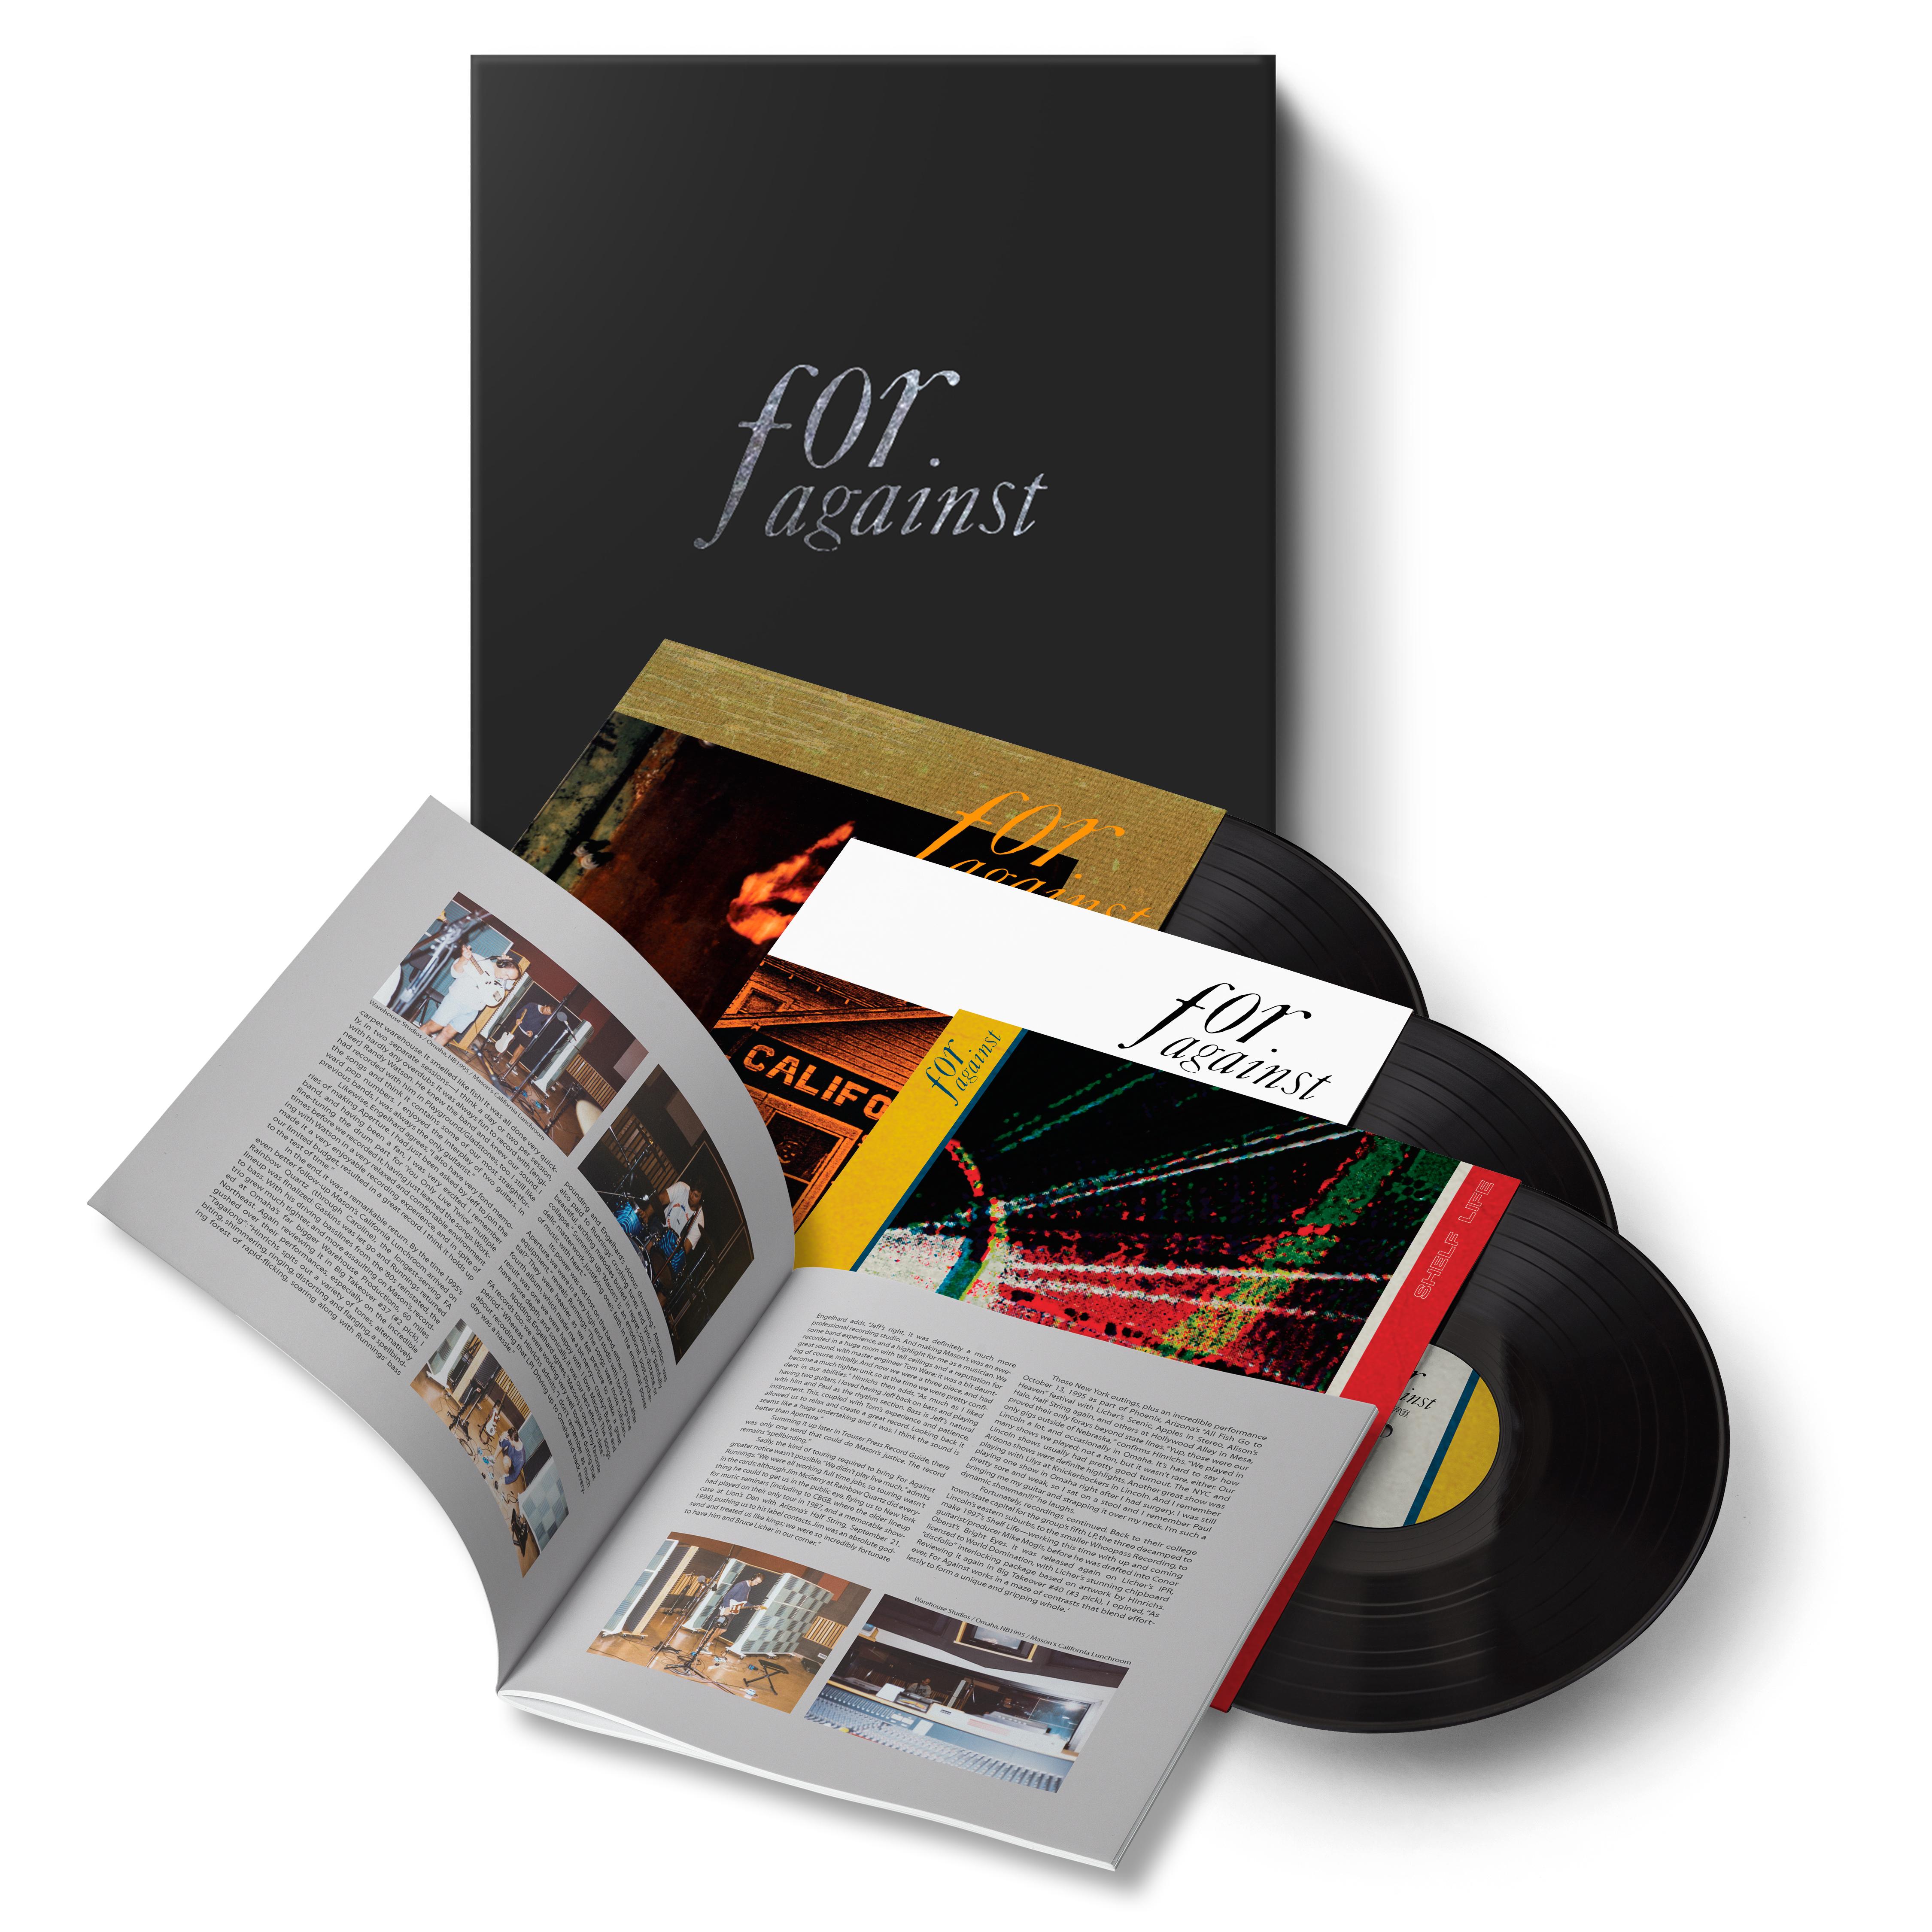 Saint Marie Records For Against 90s Reissues Box Set (3LP)